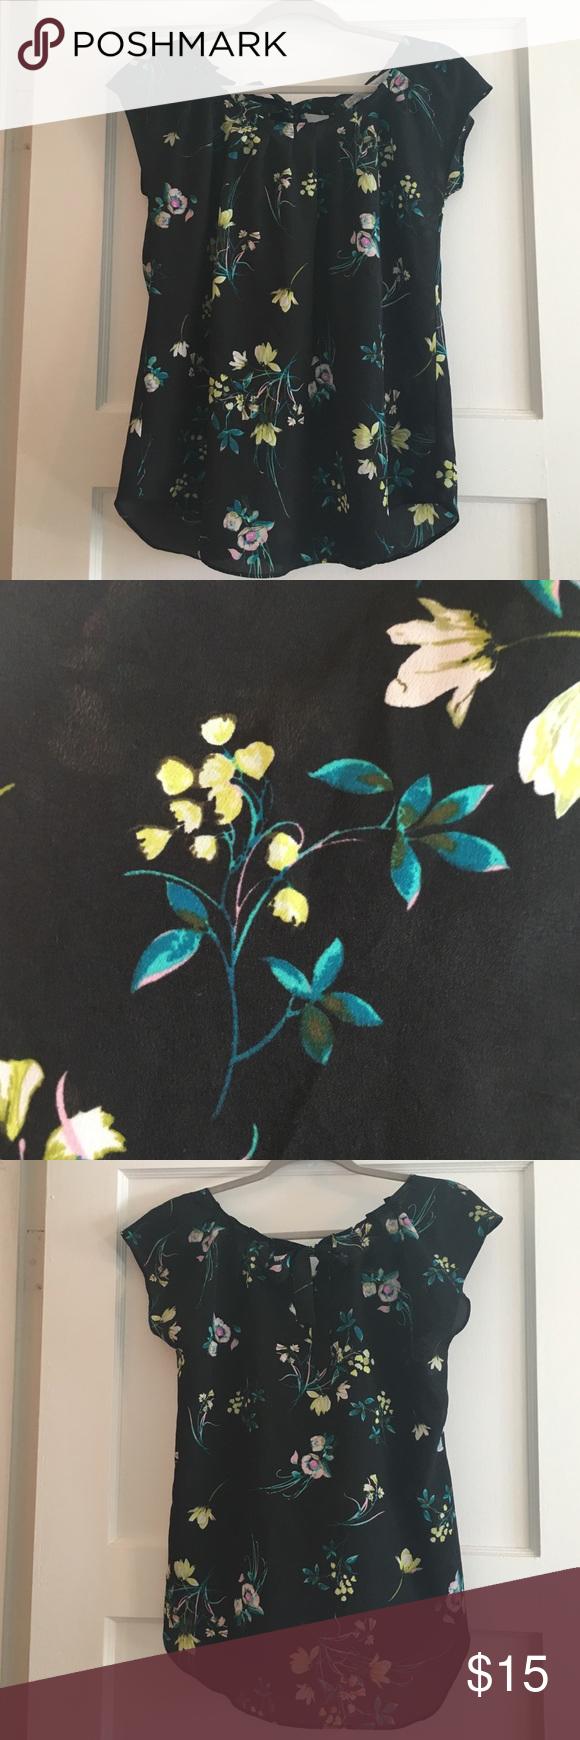 LC Lauren Conrad Tie Back Floral Top Good condition! Adjustable tie! LC Lauren Conrad Tops